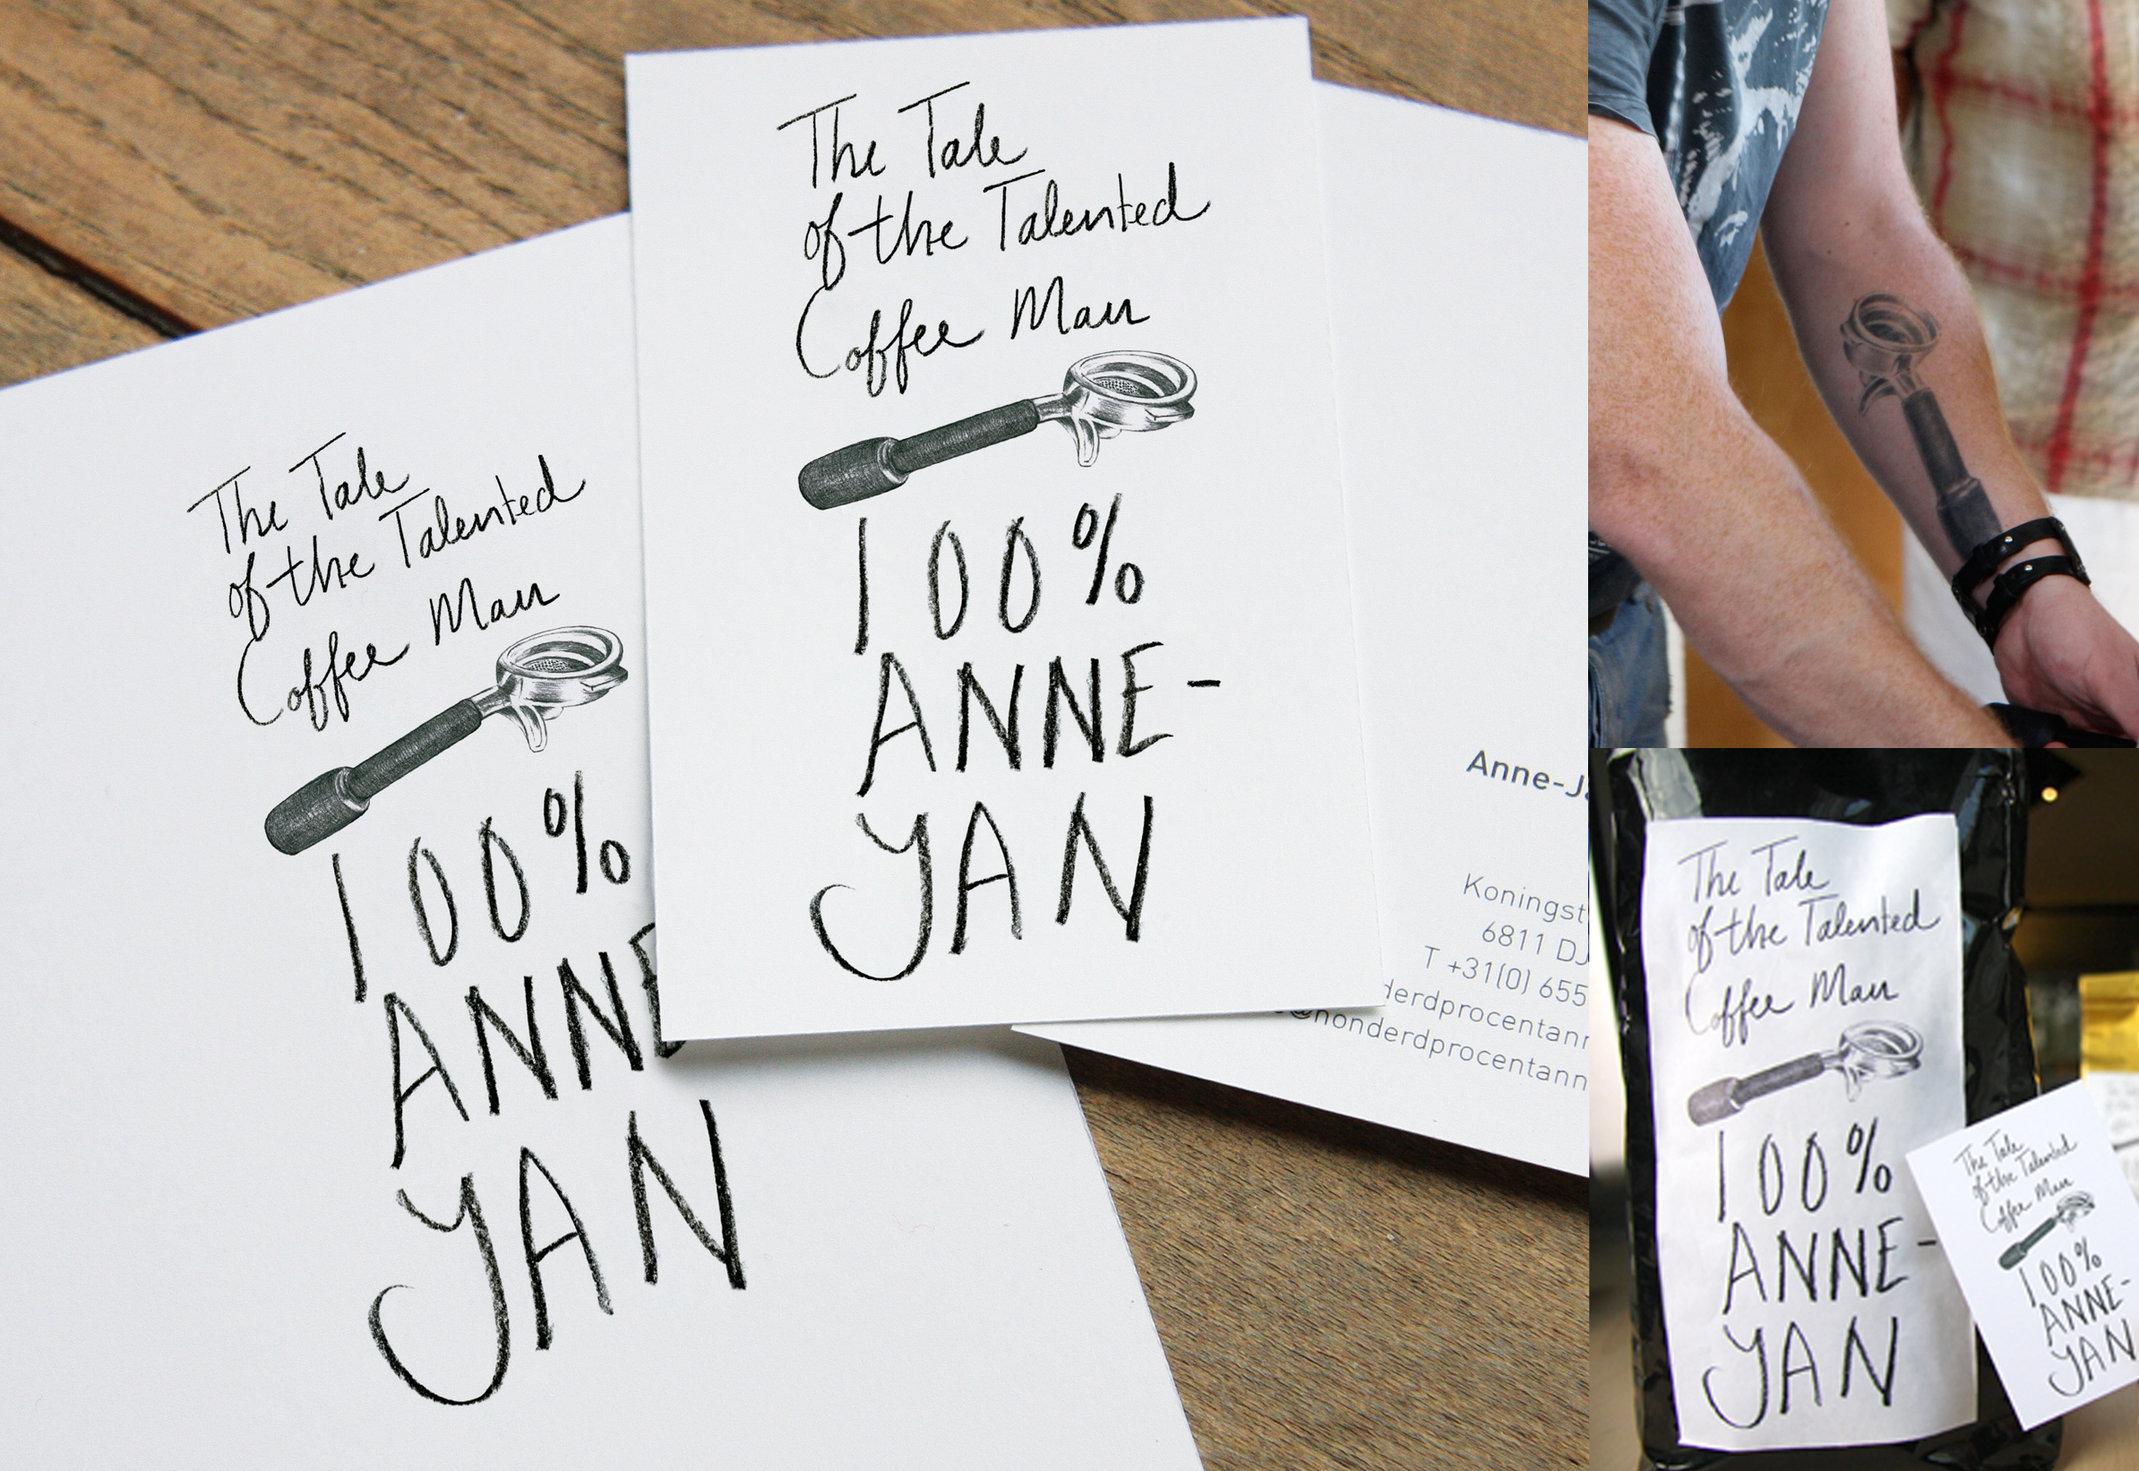 100% ANNE-JAN LOWLANDS